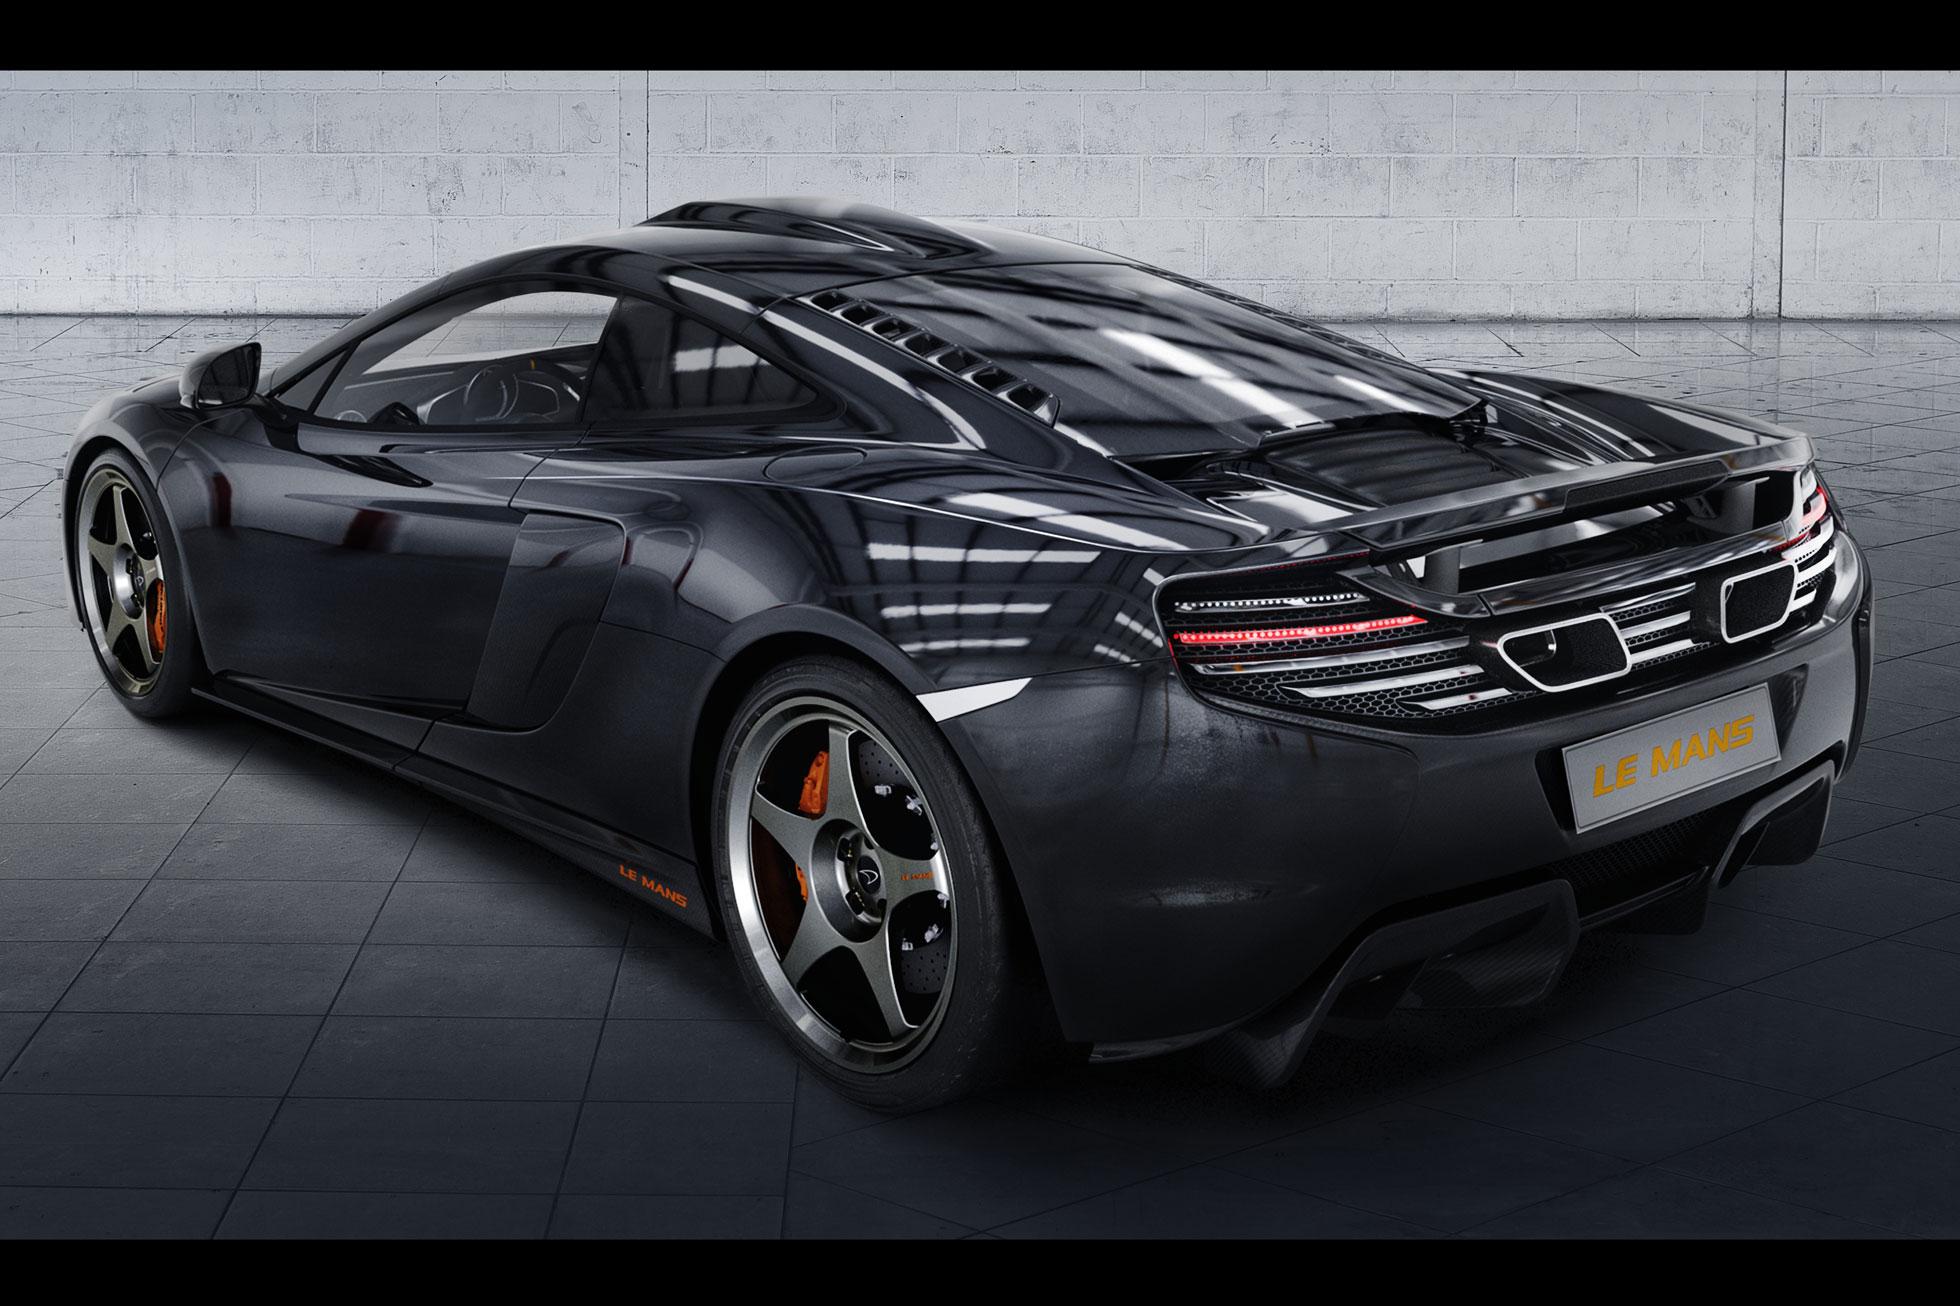 McLaren reveals 650S Le Mans limited edition